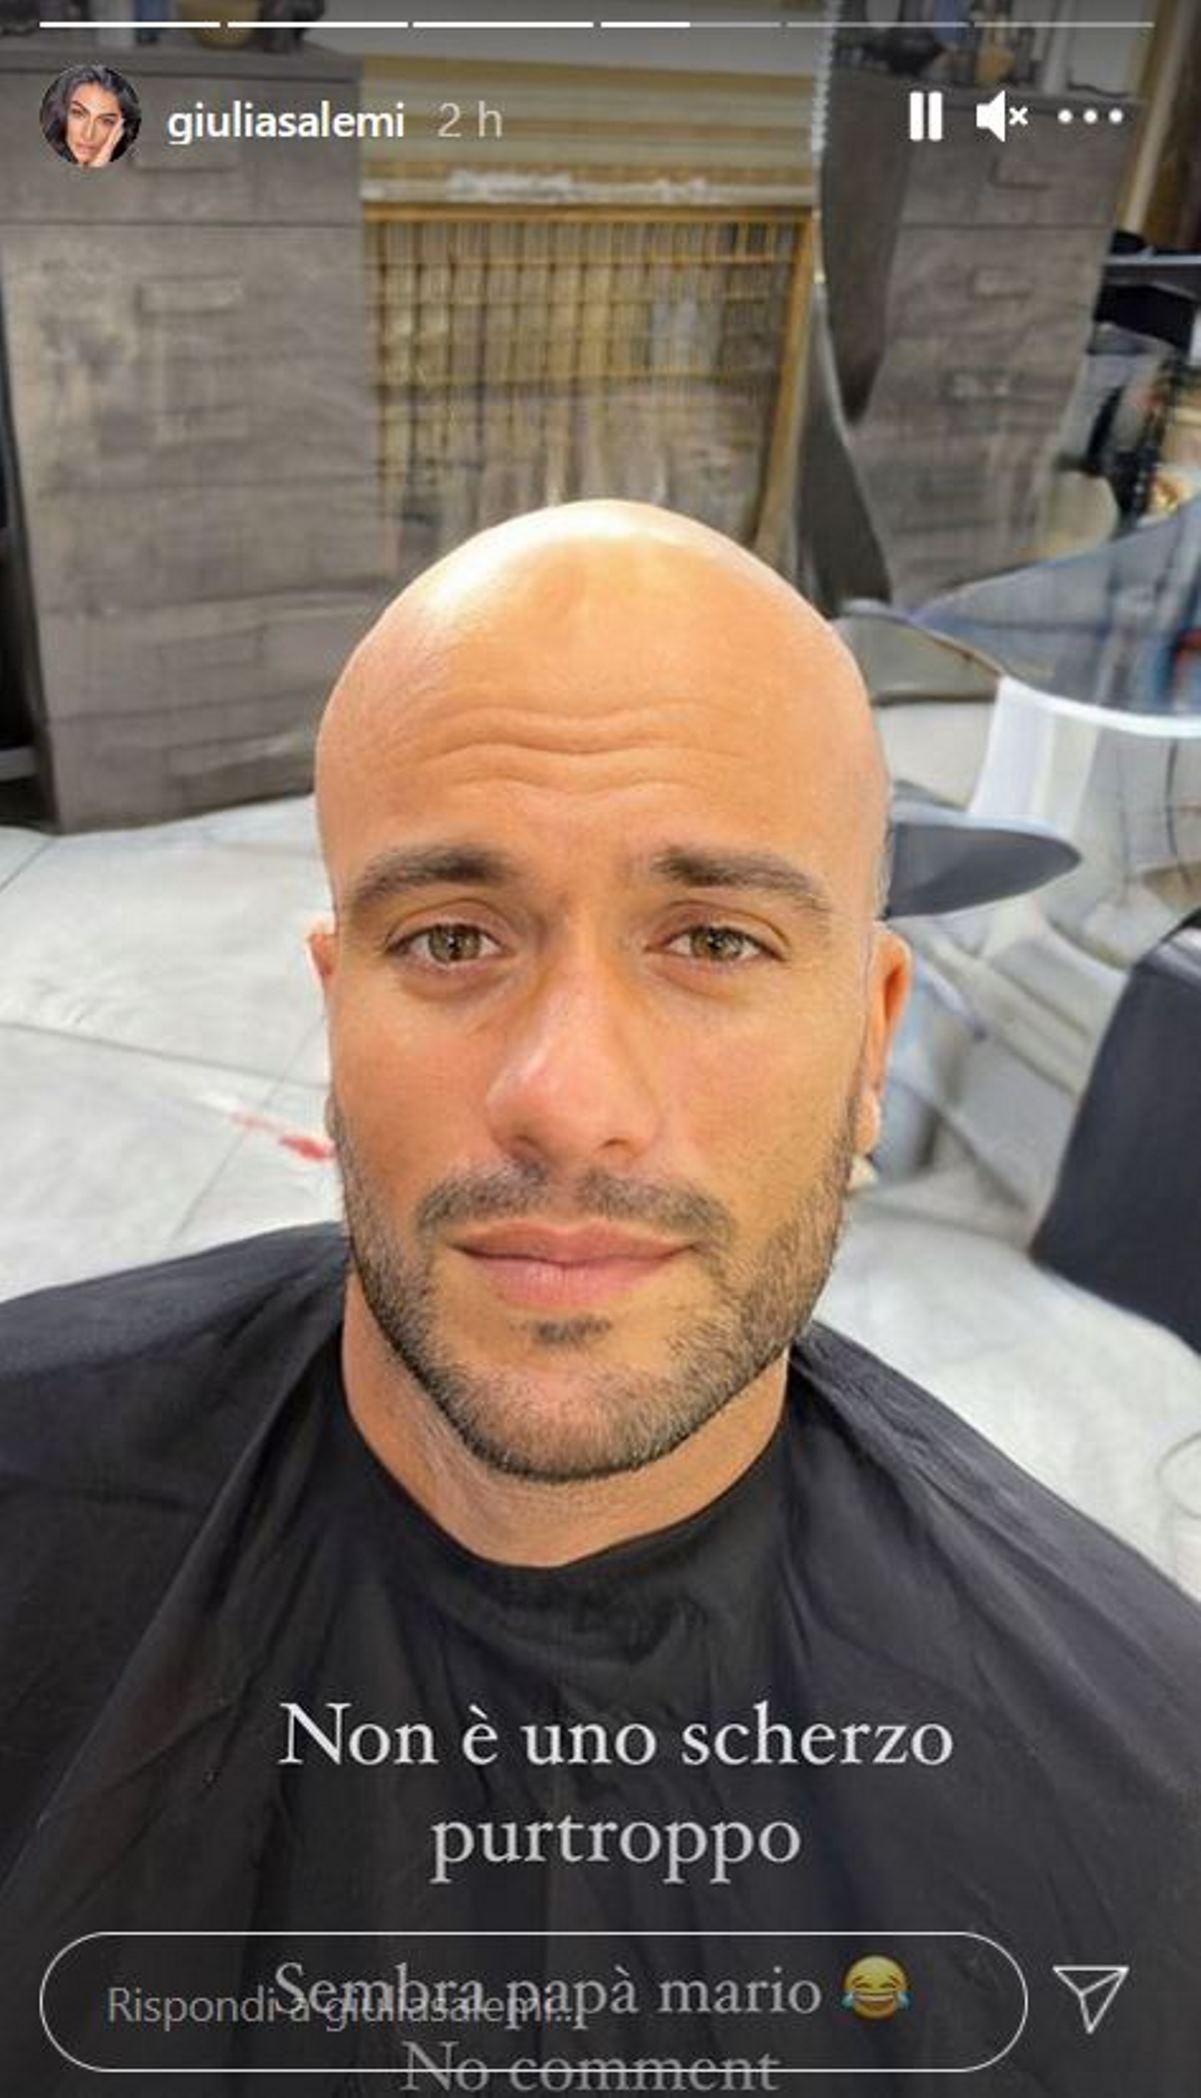 pierpaolo pretelli capelli rasati a zero scherzo giulia salemi